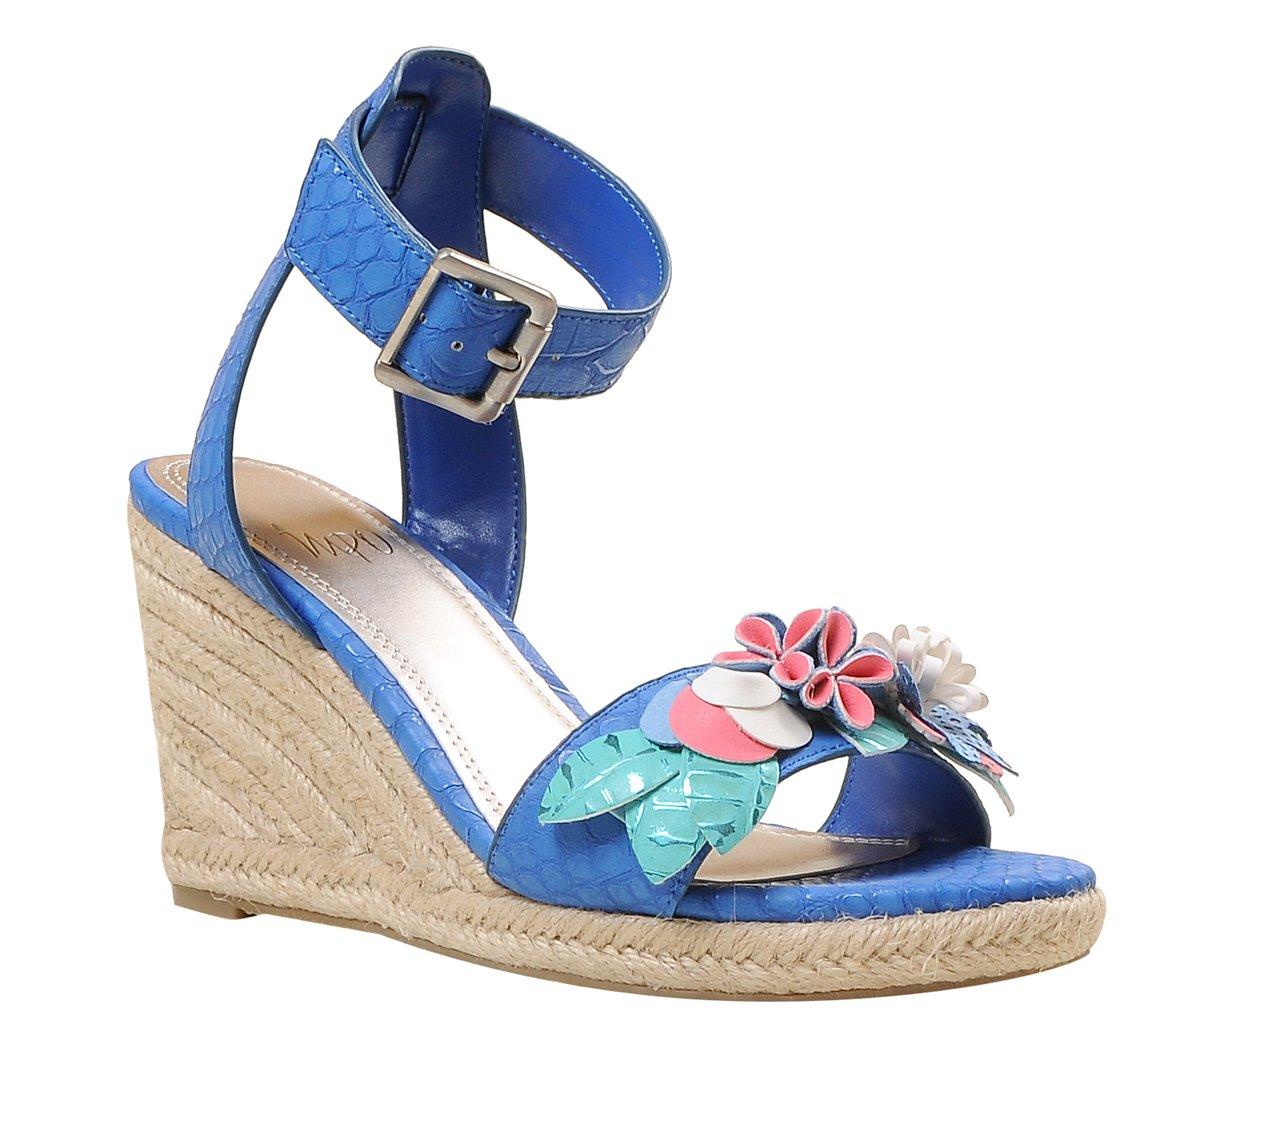 Impo TYLEEN Wedge Sandal, Cobalt Blue/Multicolor B07B9N28F7 6.5 B(M) US Cobalt Blue/Multicolor